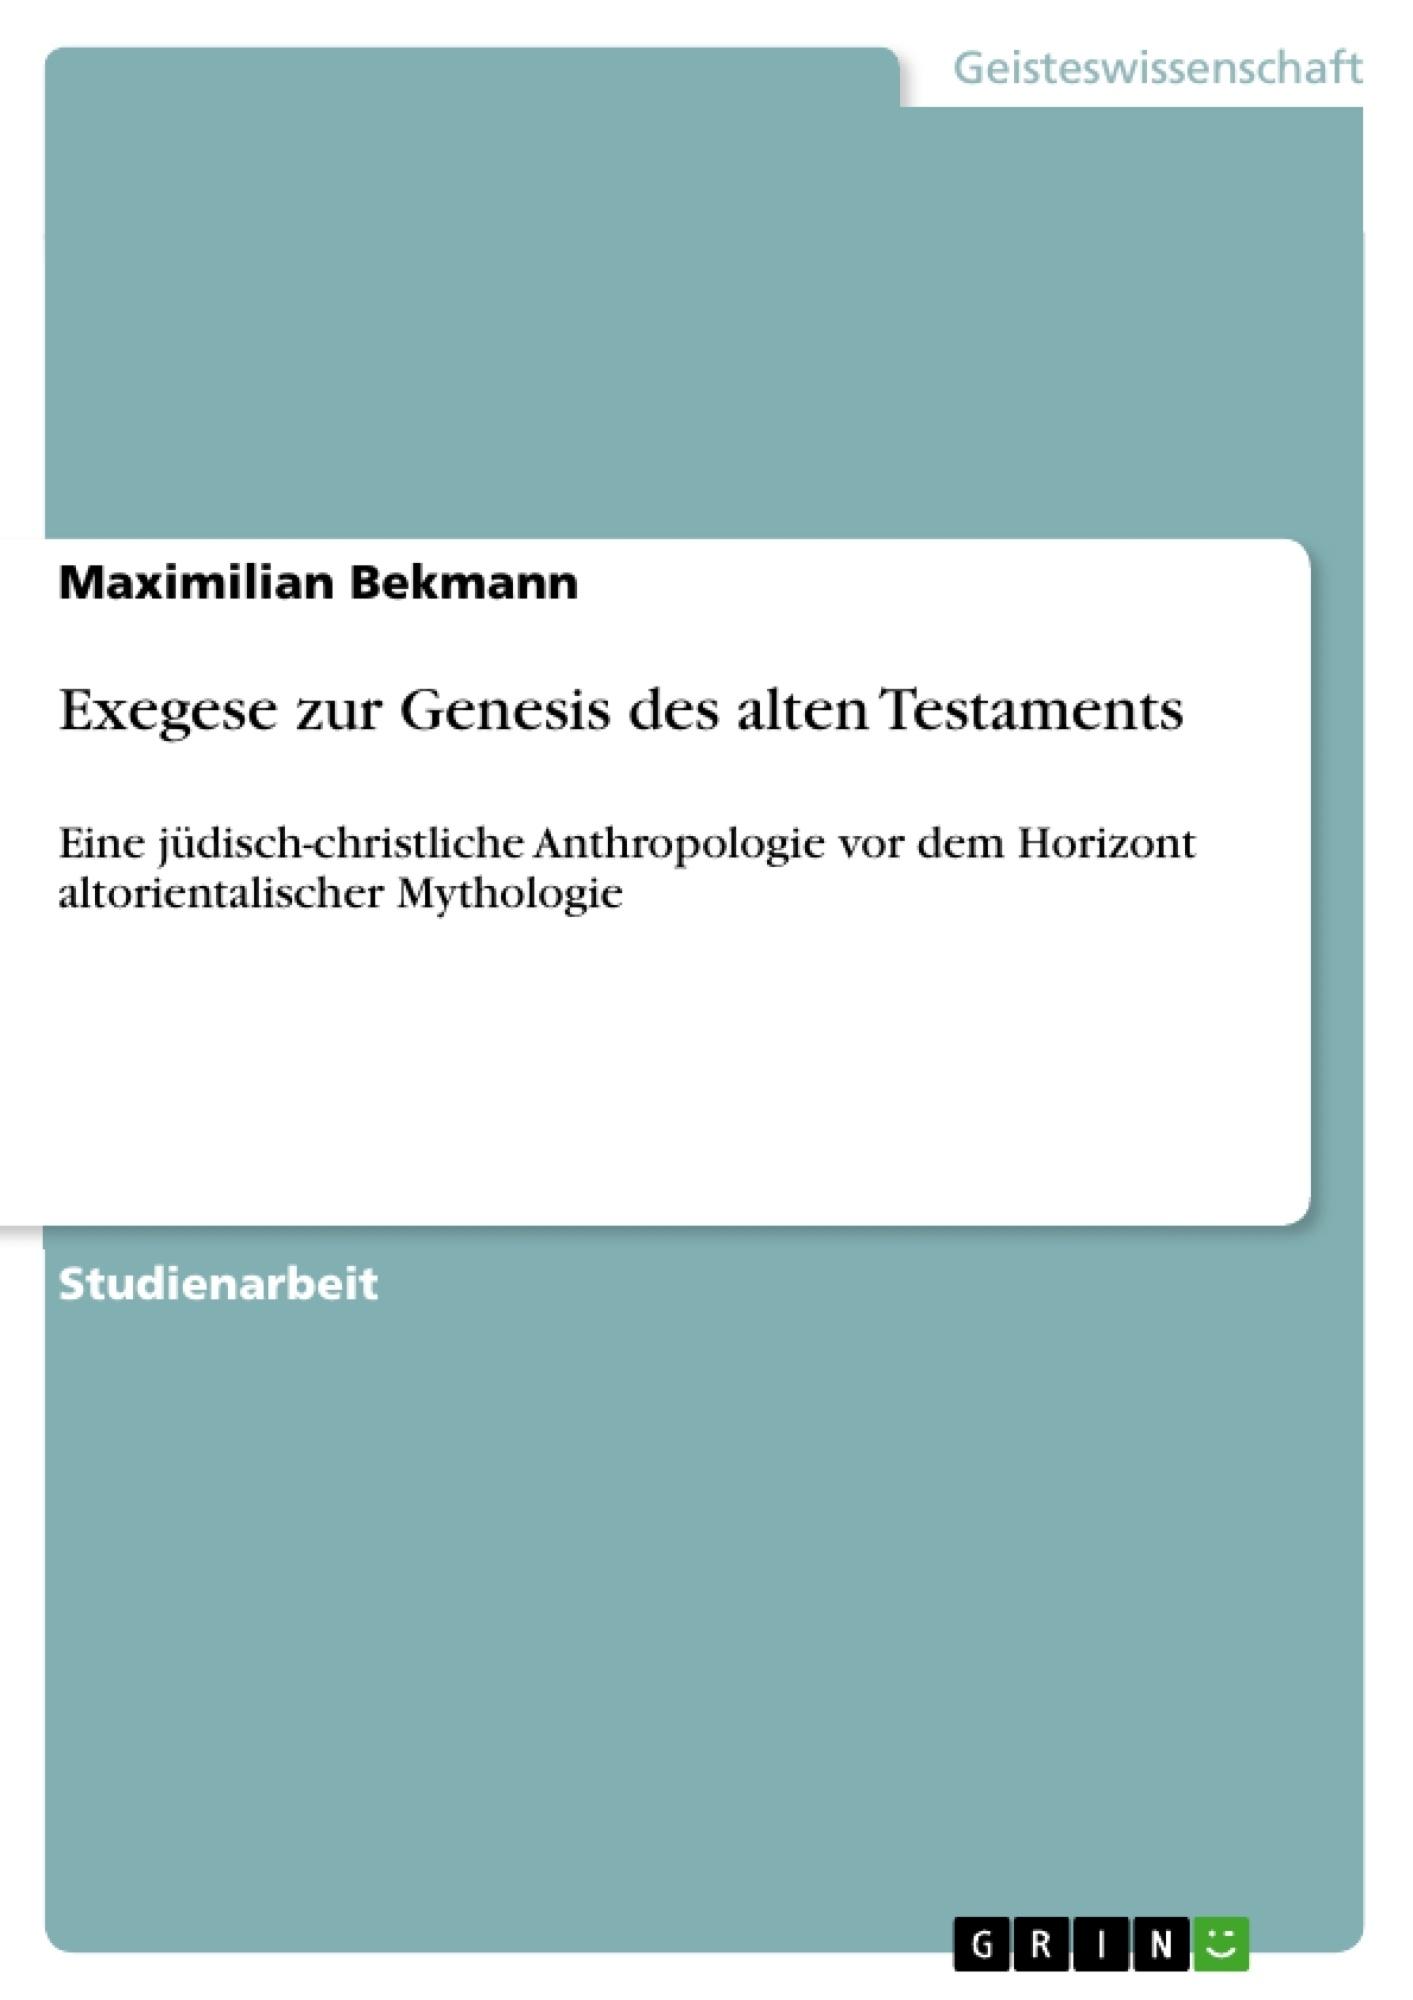 Titel: Exegese zur Genesis des alten Testaments